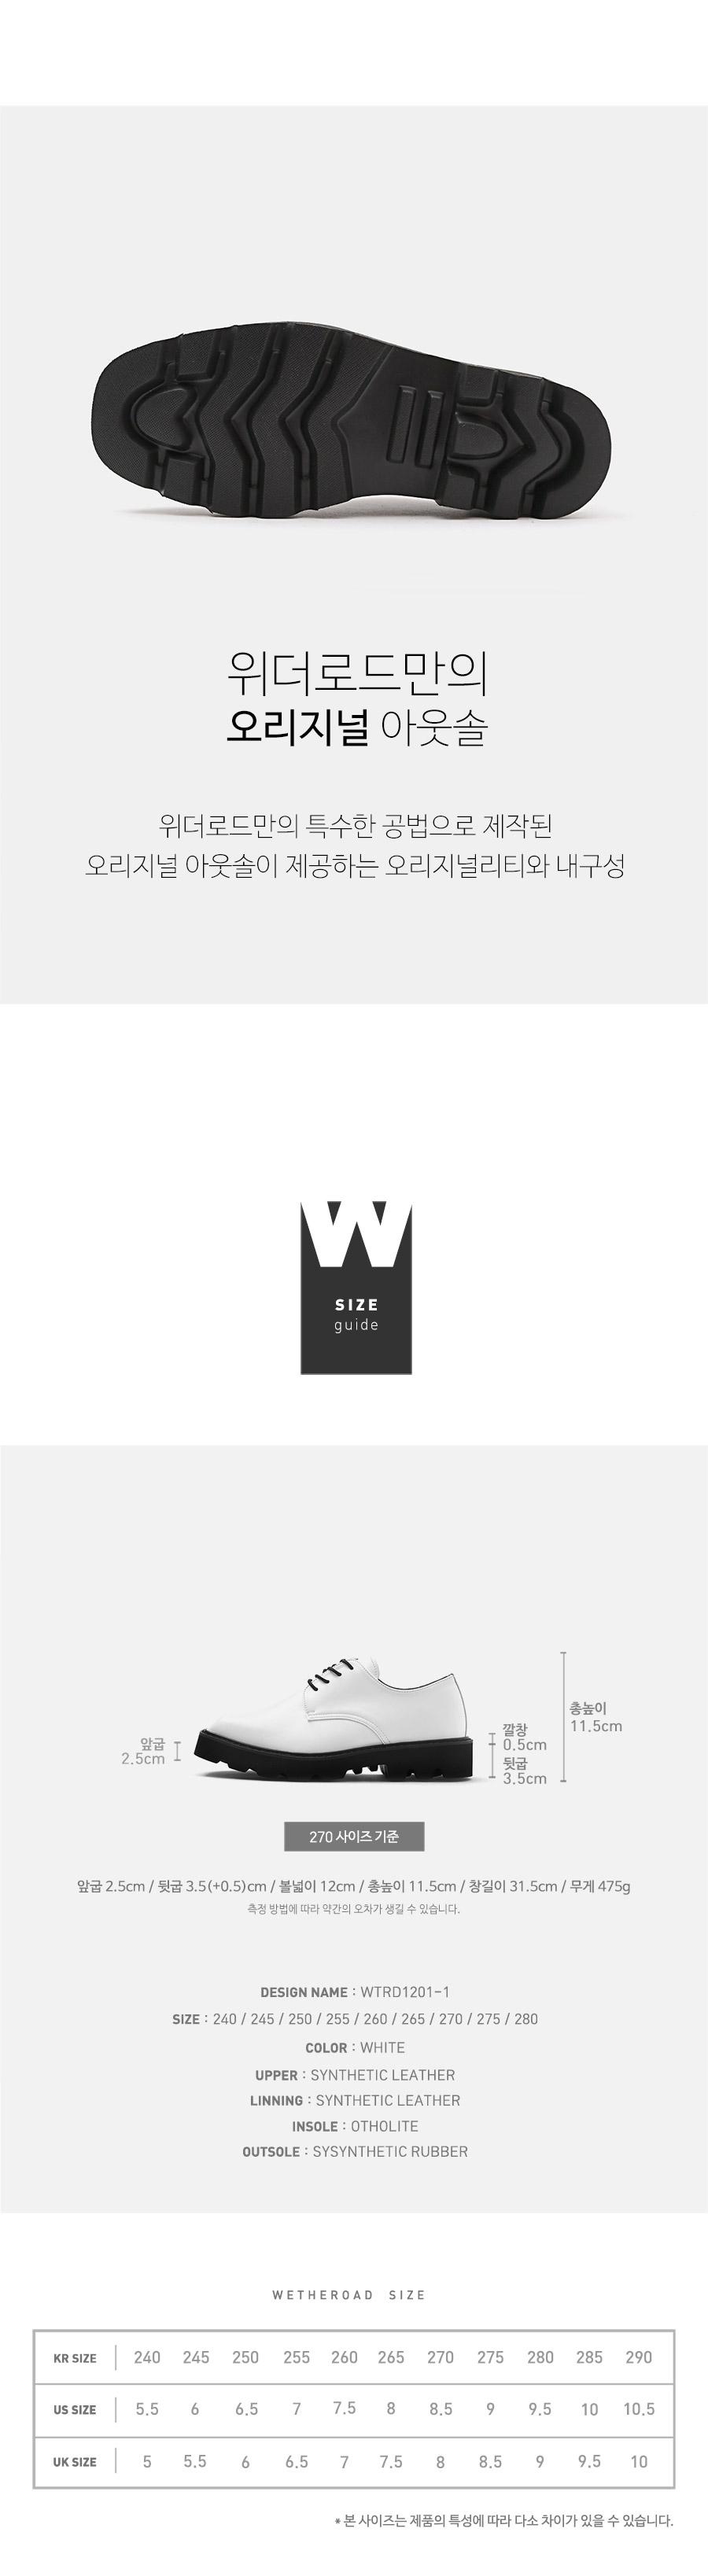 위더로드(WETHEROAD) WTRD1201-1 루카스 스퀘어토 4홀 더비슈즈 화이트 [240~280MM]